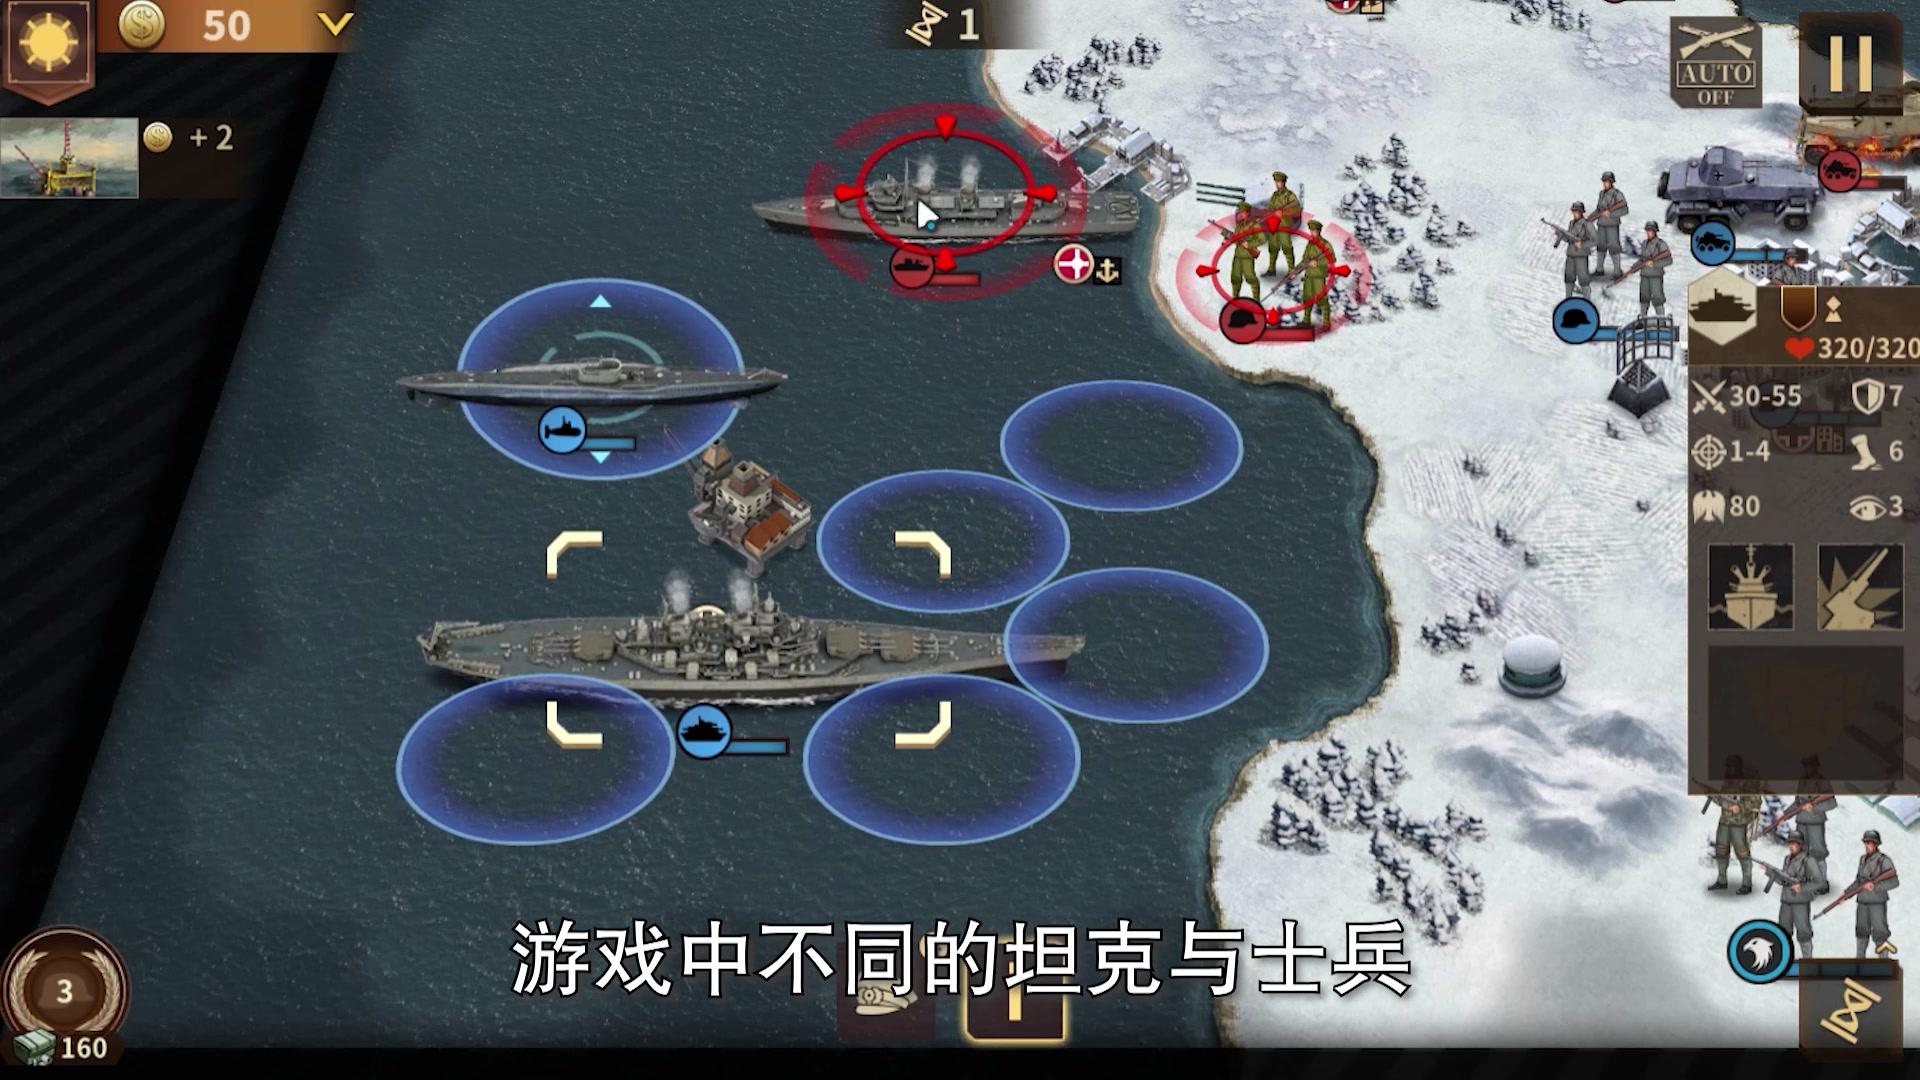 【鲜游速观】《钢铁命令:将军的荣耀3》战斗系统介绍